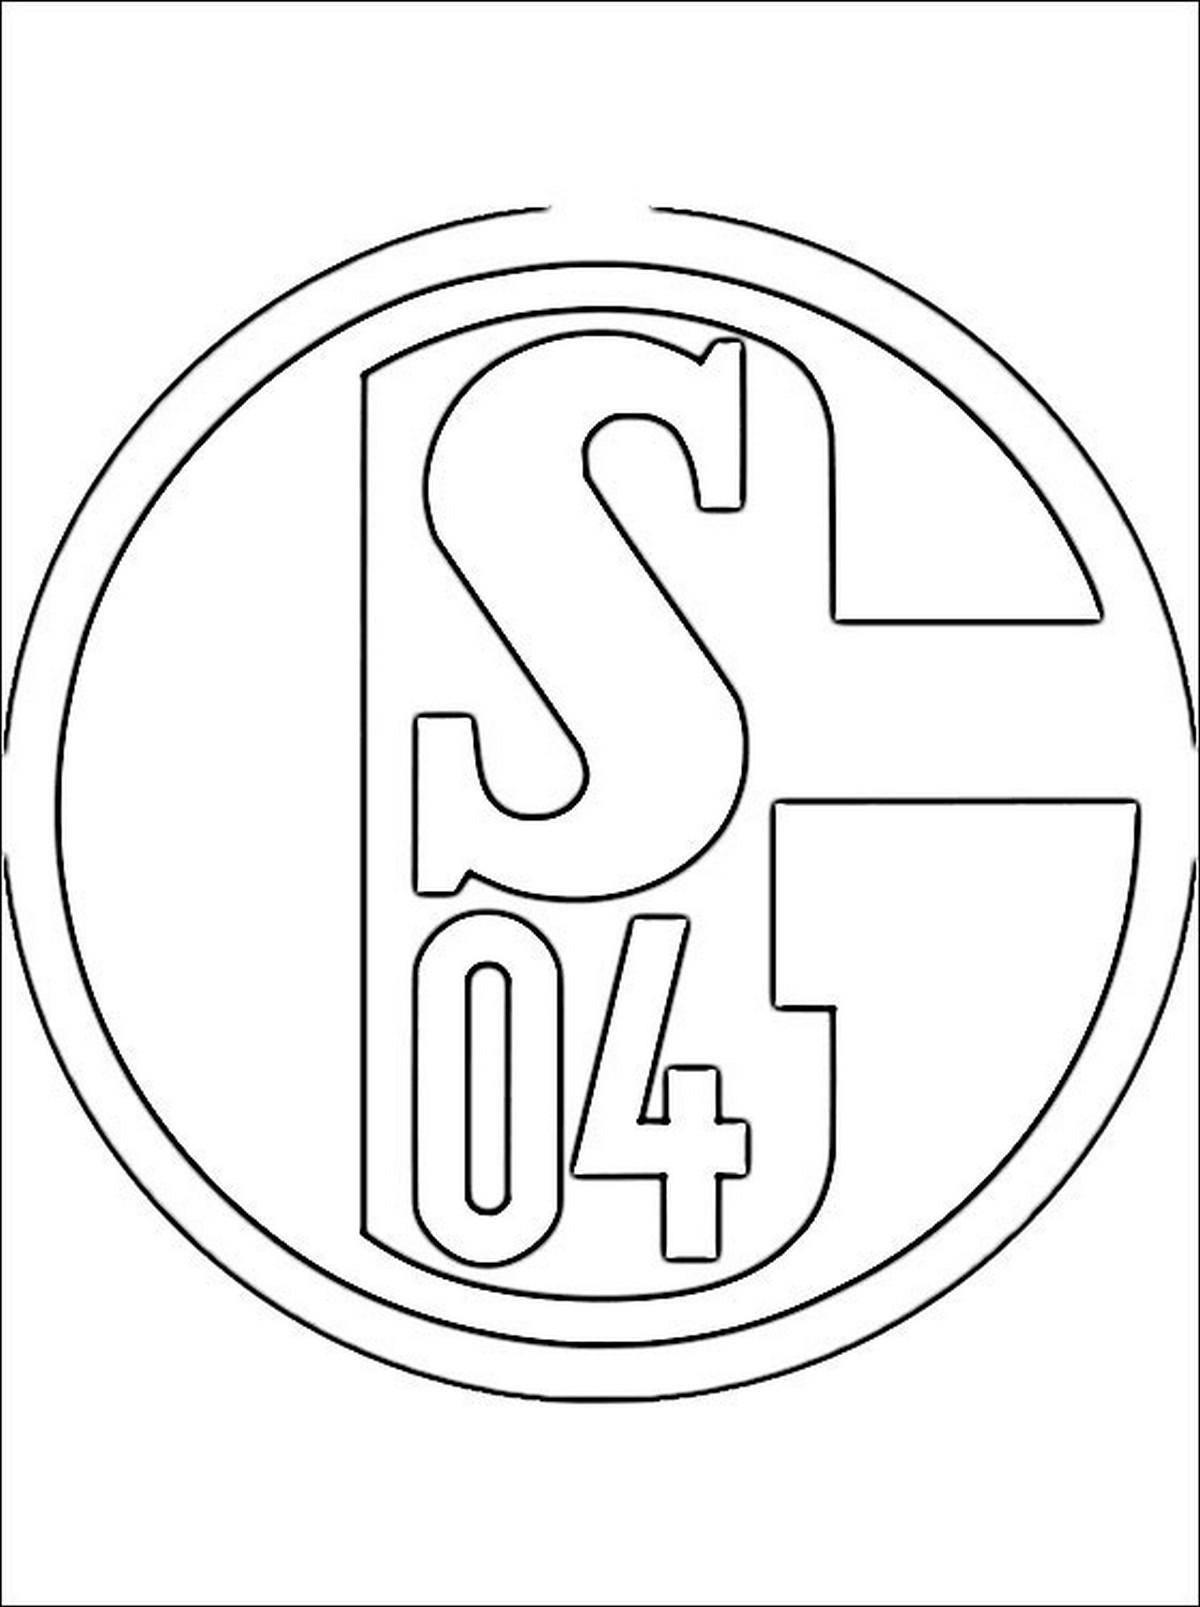 Bundesliga Wappen Zum Ausmalen Genial Bayern Wappen Zum Ausdrucken — Anadolufotografdernegi Bilder